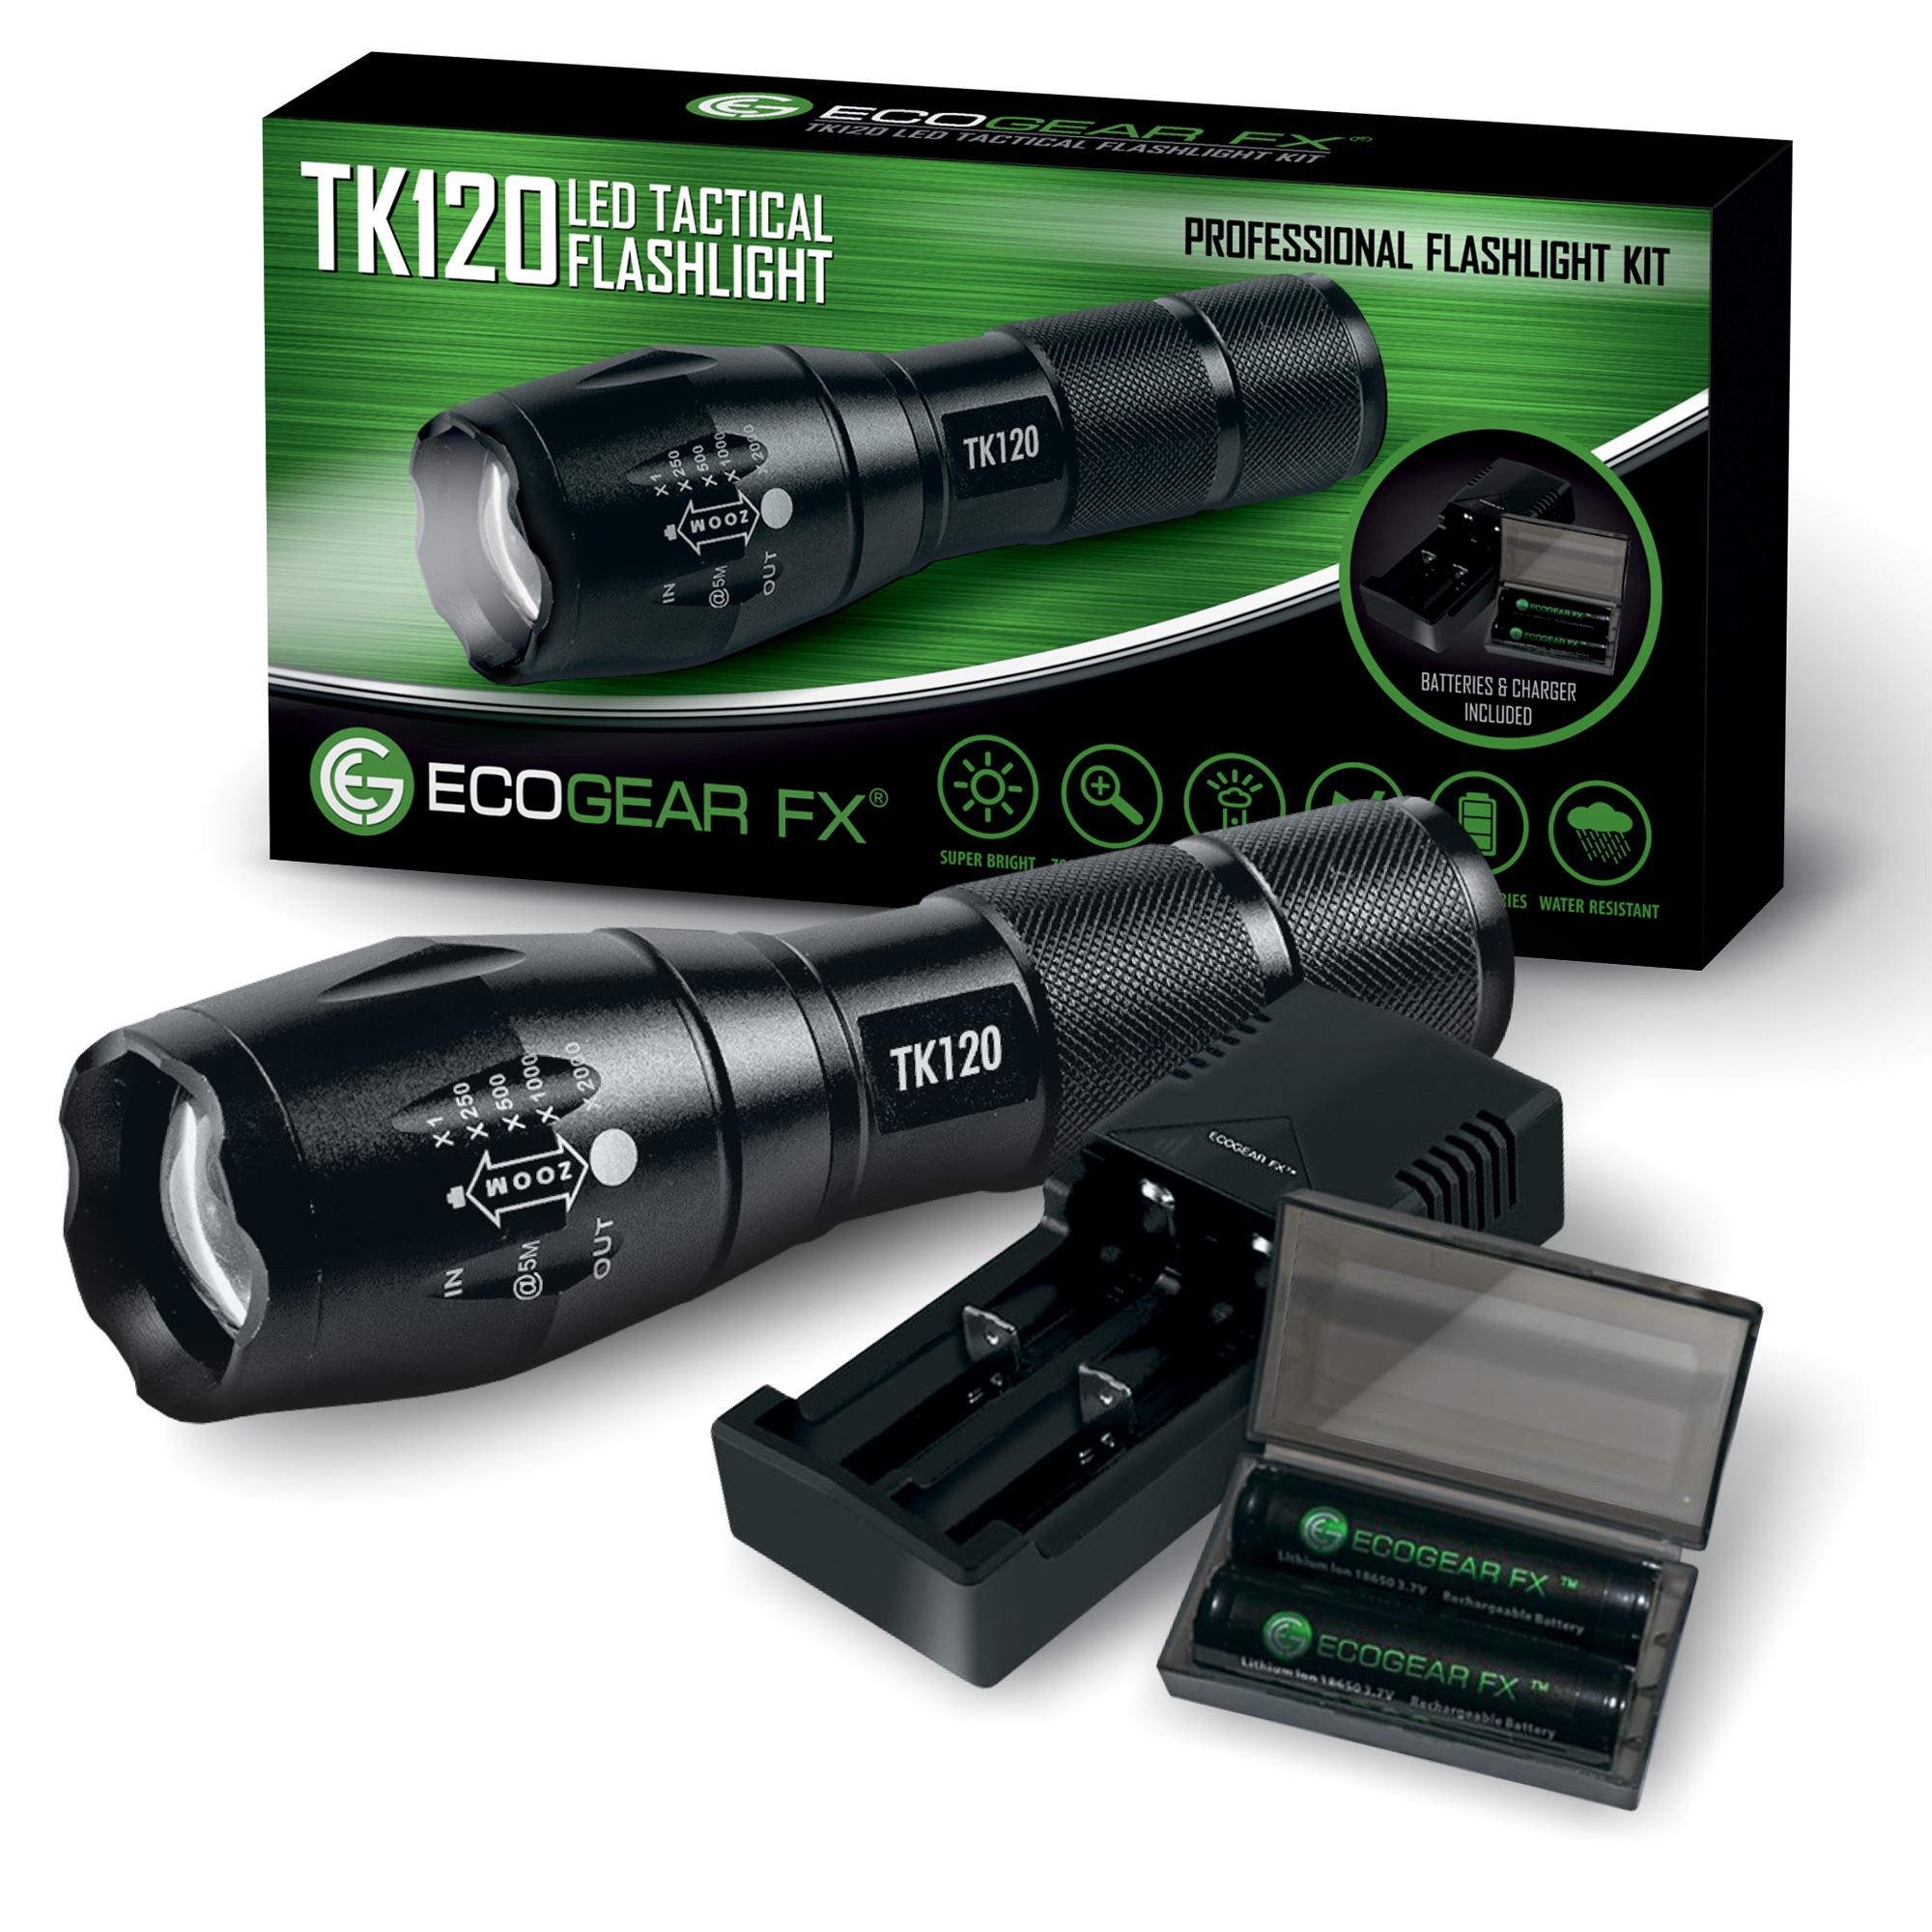 tk120 led flashlight kit